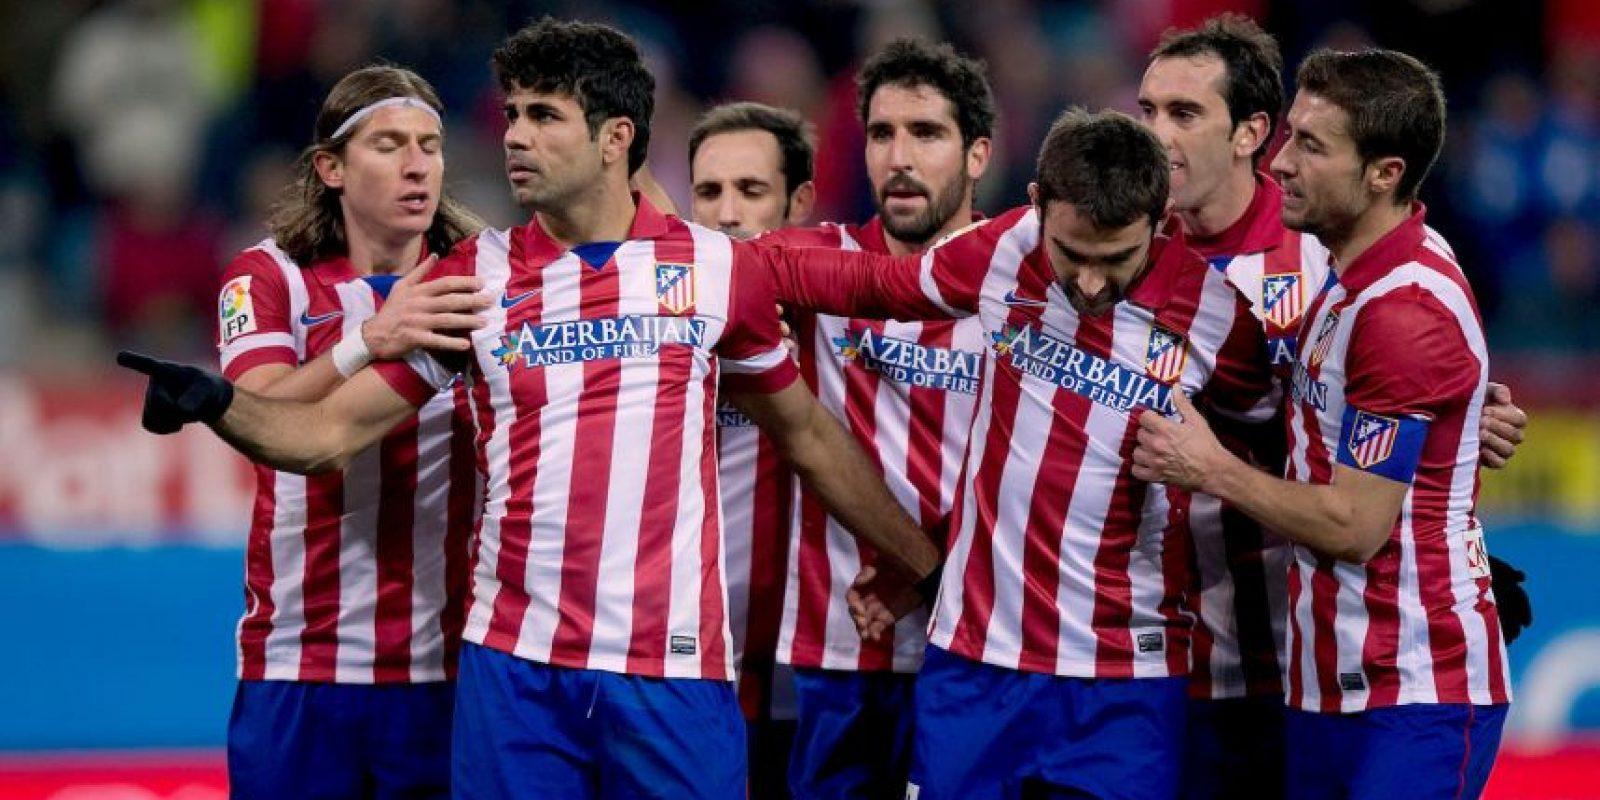 Clasificaron a las Champions League como tercer lugar de la Liga de España. Foto:Getty Images